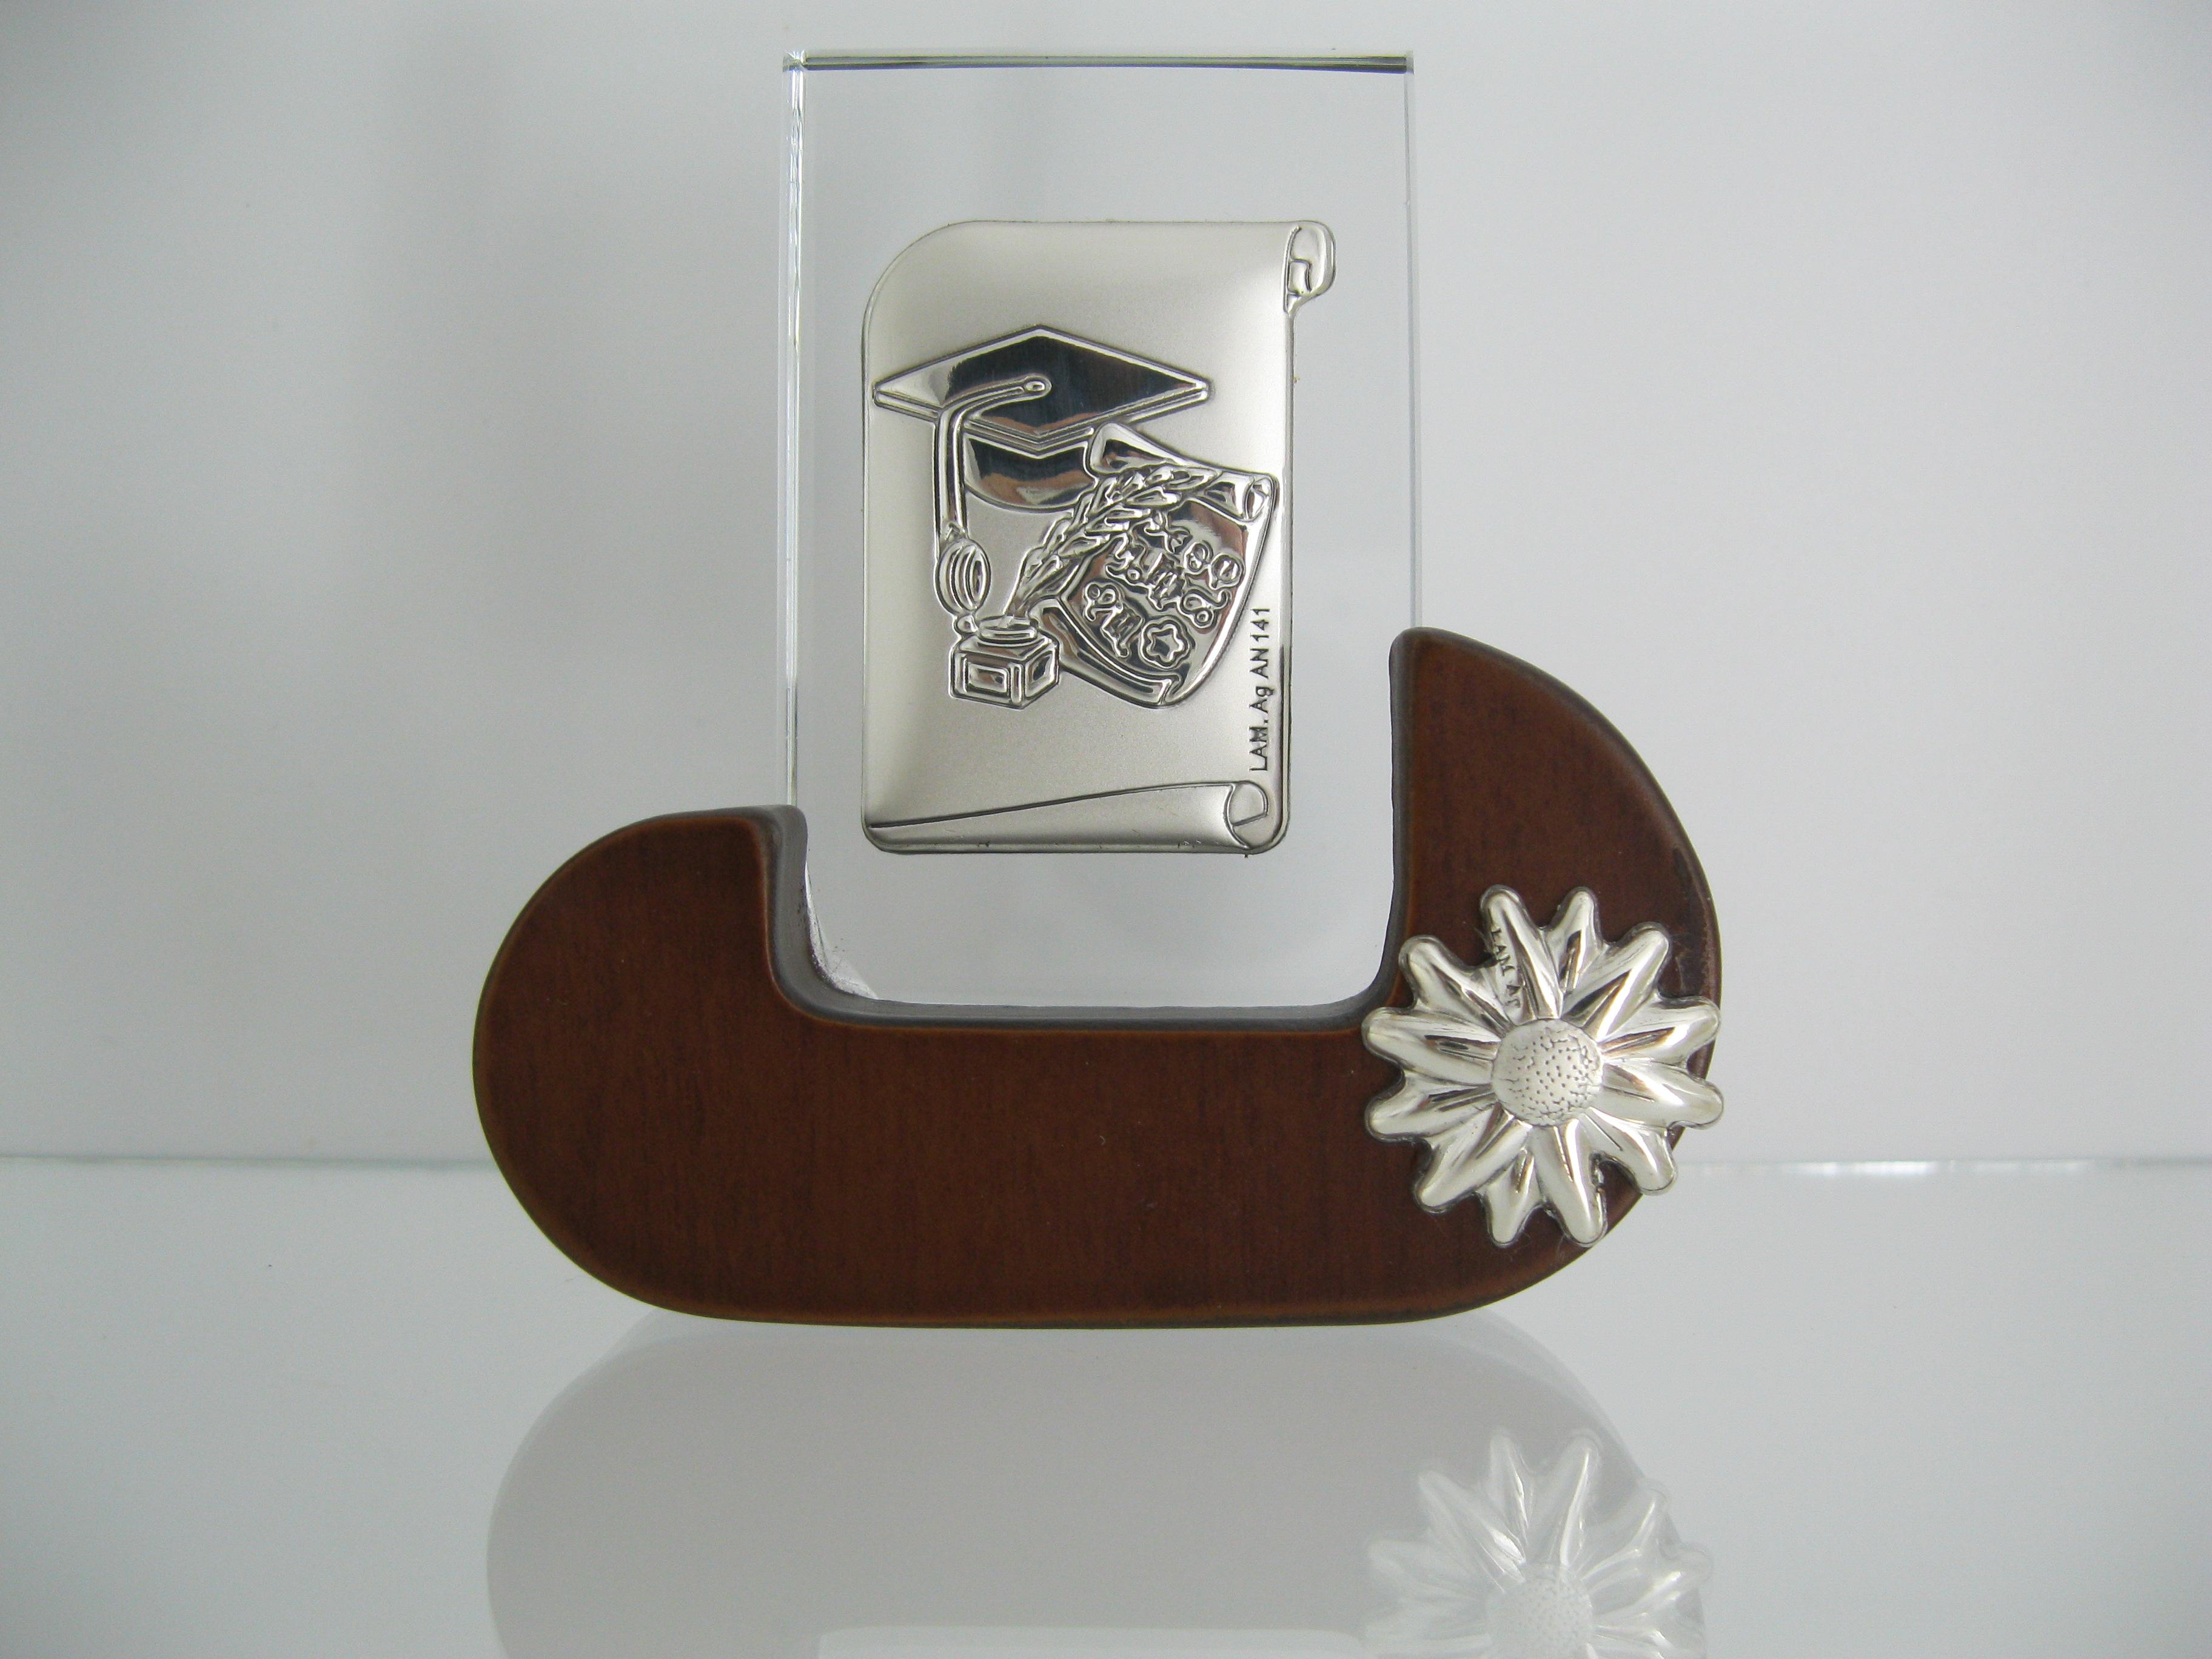 pergamena cappello tocco calamaio bomboniere crsitallo argento laurea facolta 39 ebay. Black Bedroom Furniture Sets. Home Design Ideas